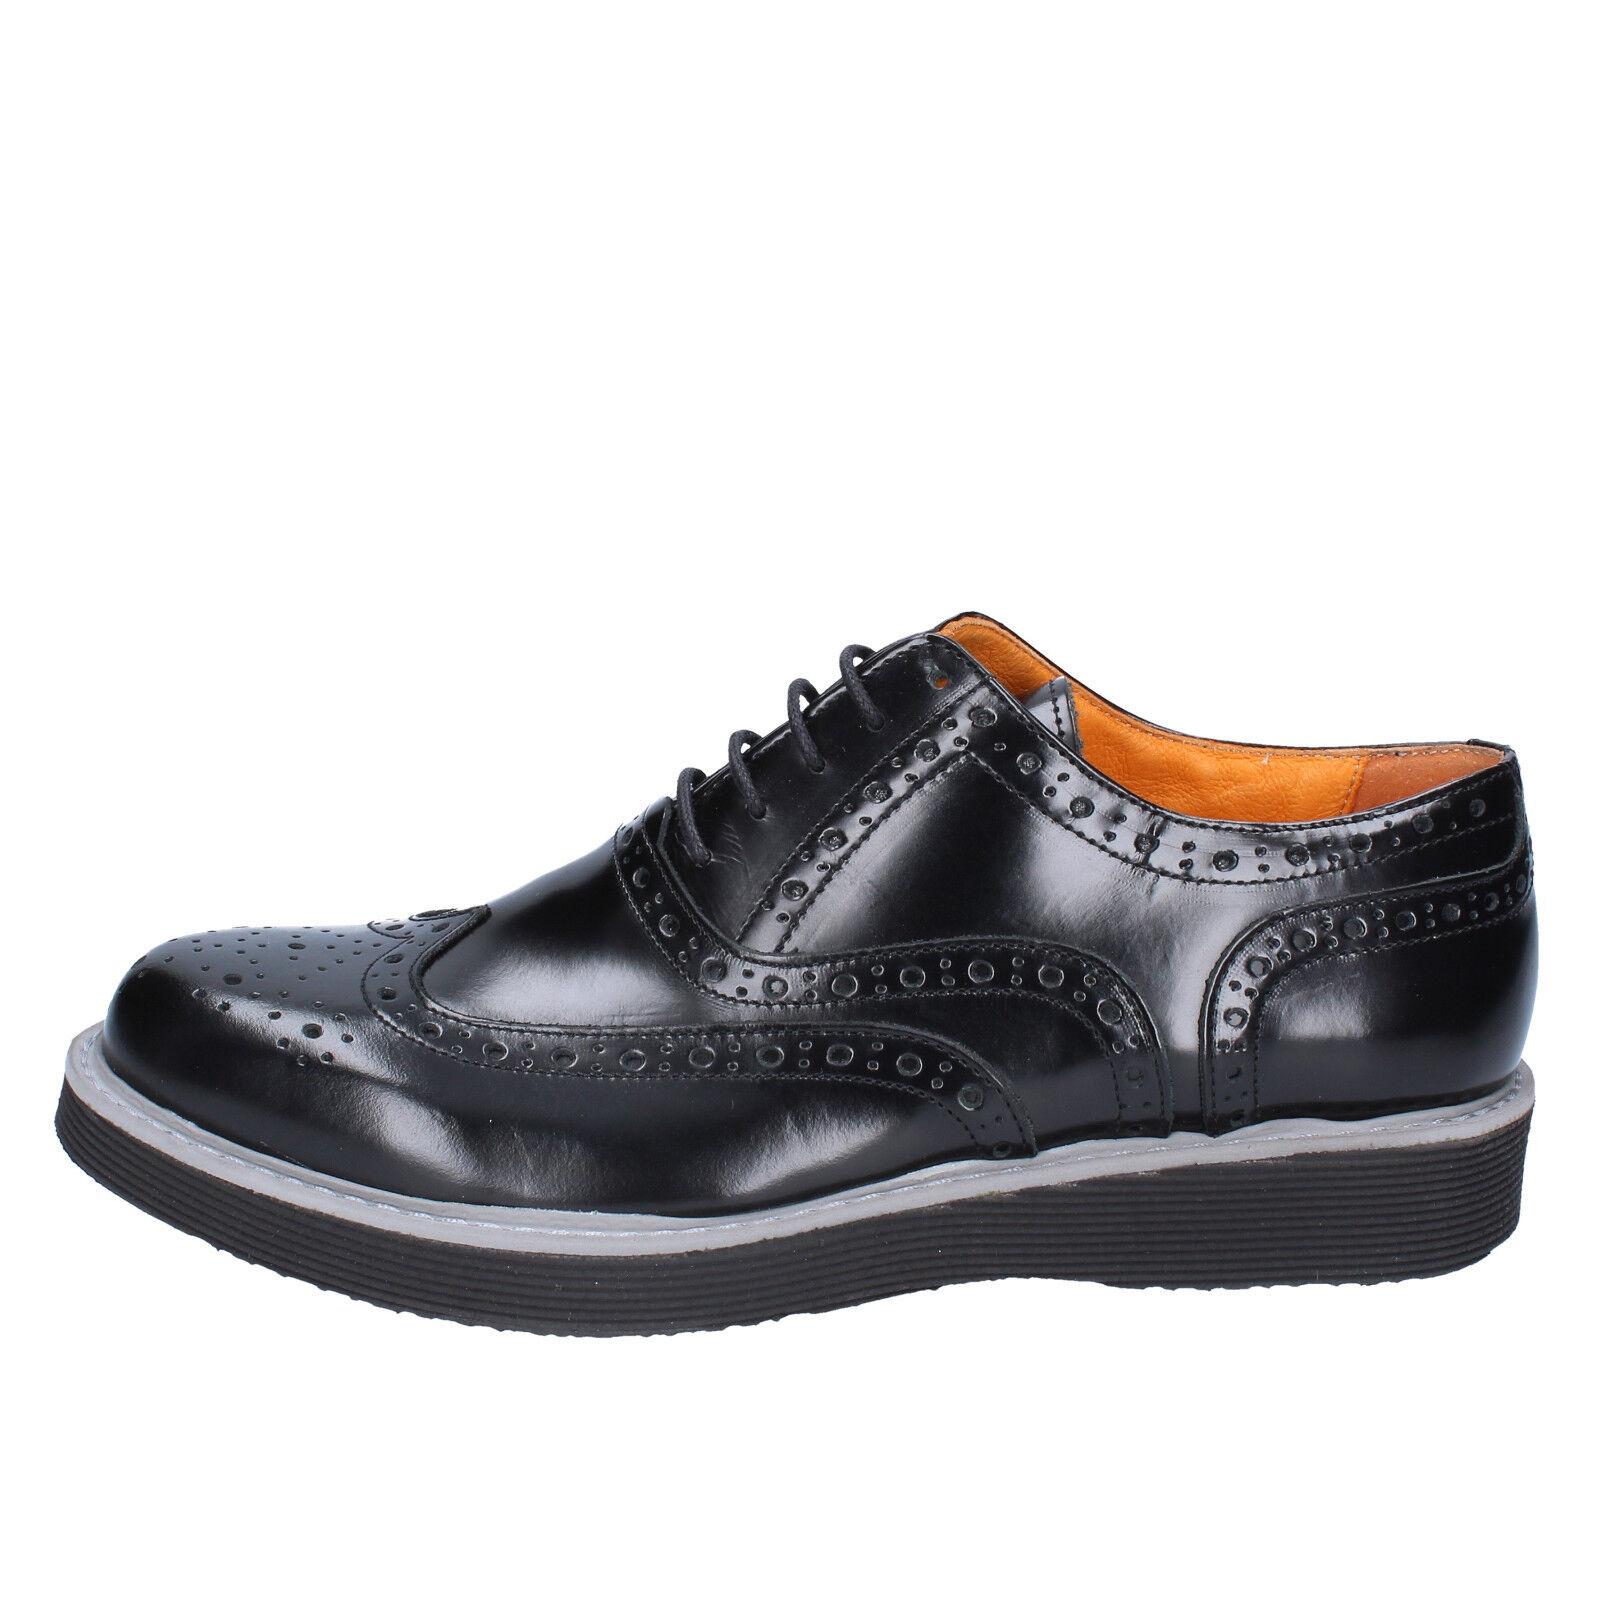 scarpe uomo J. BREITLIN 42 BX224-42 EU elegante nero pelle BX224-42 42 eaf27e